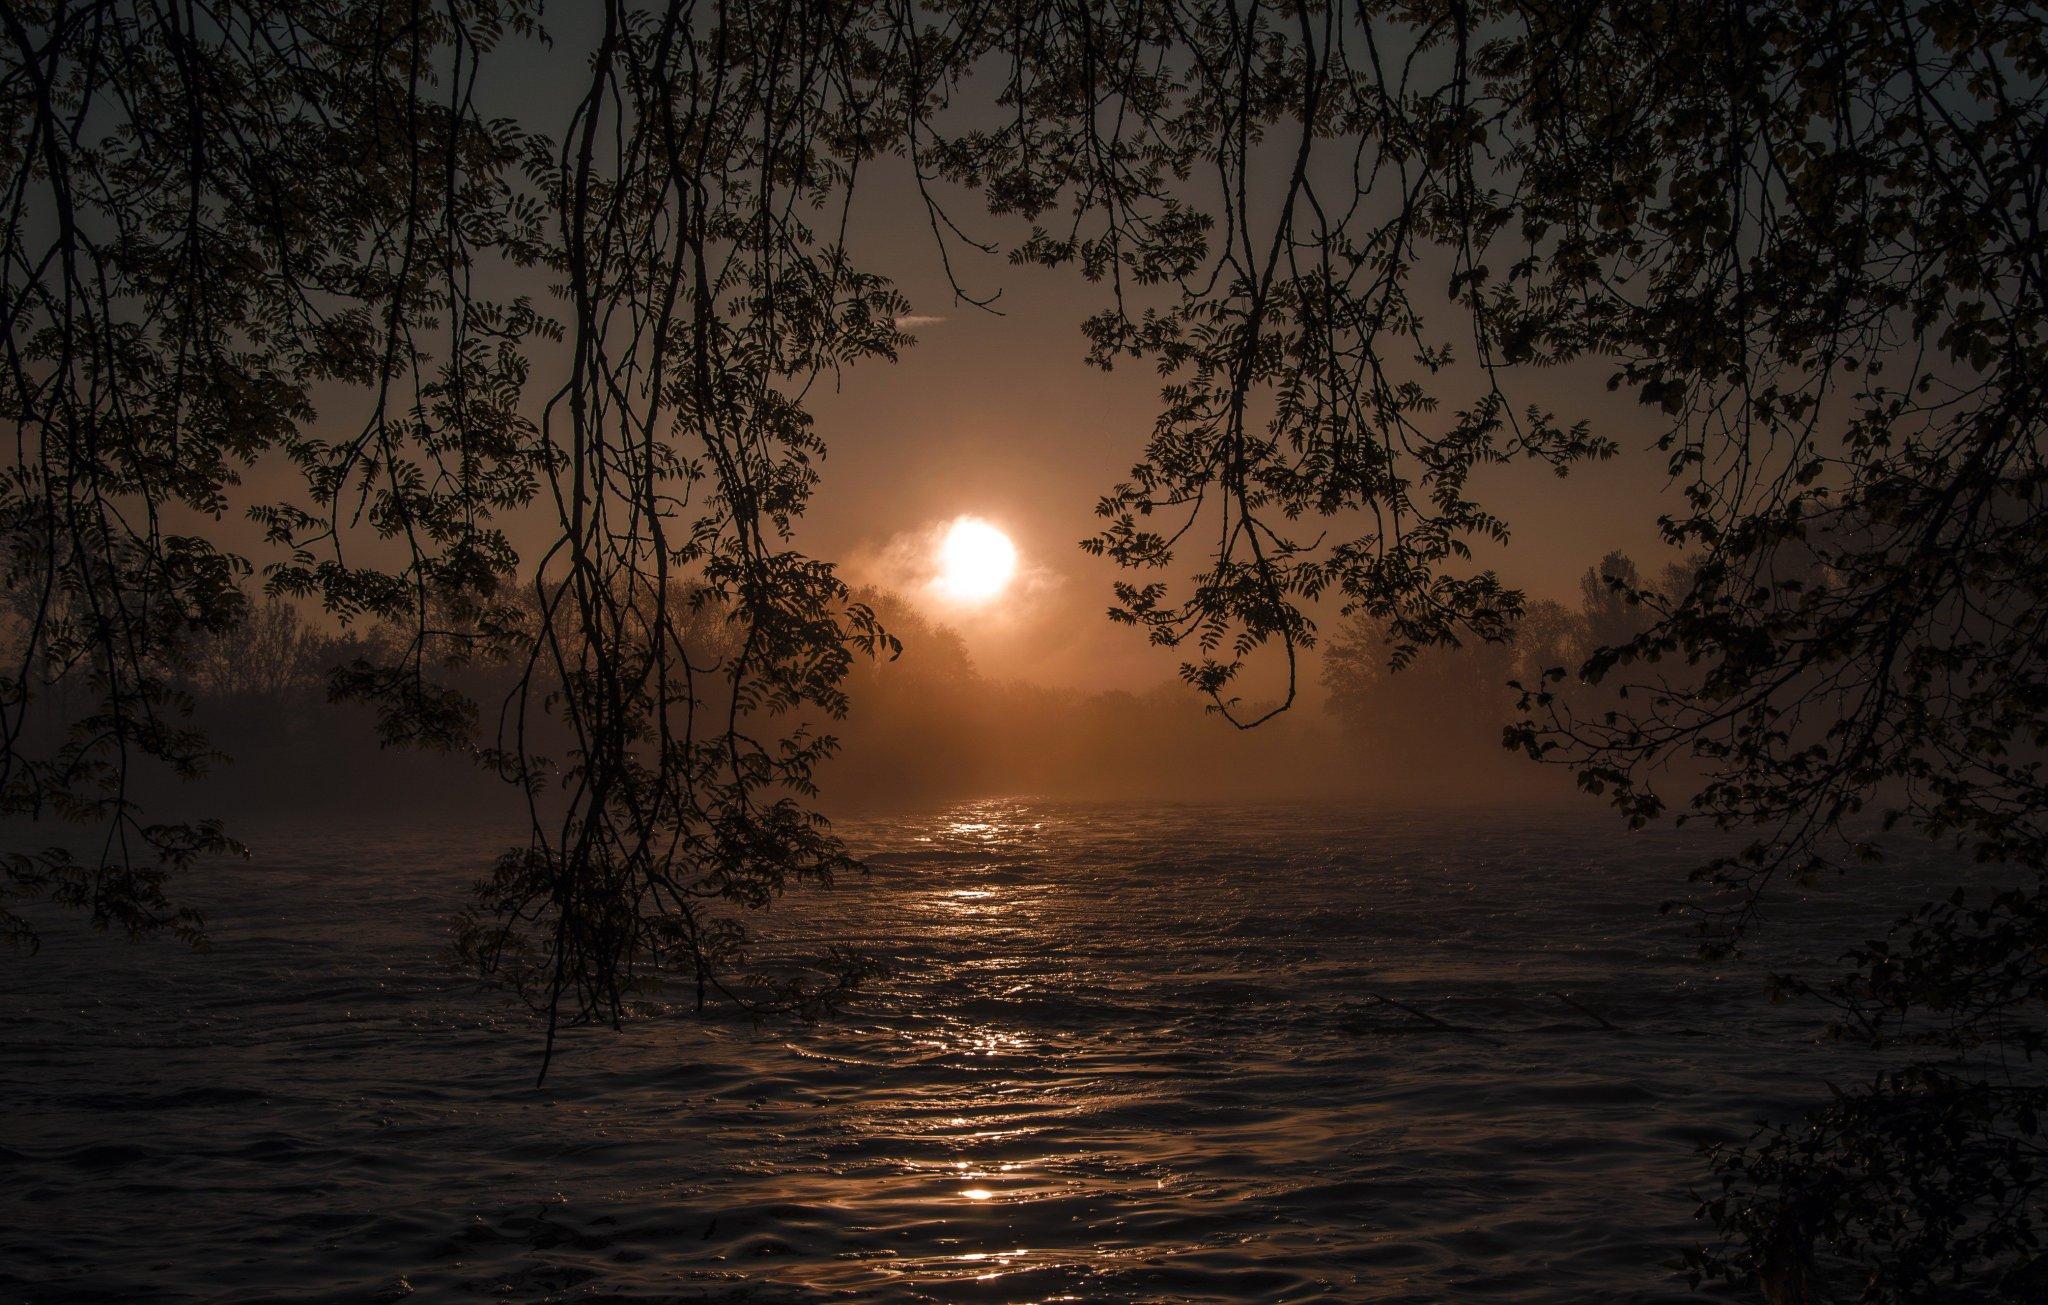 вечер и ночь картинки